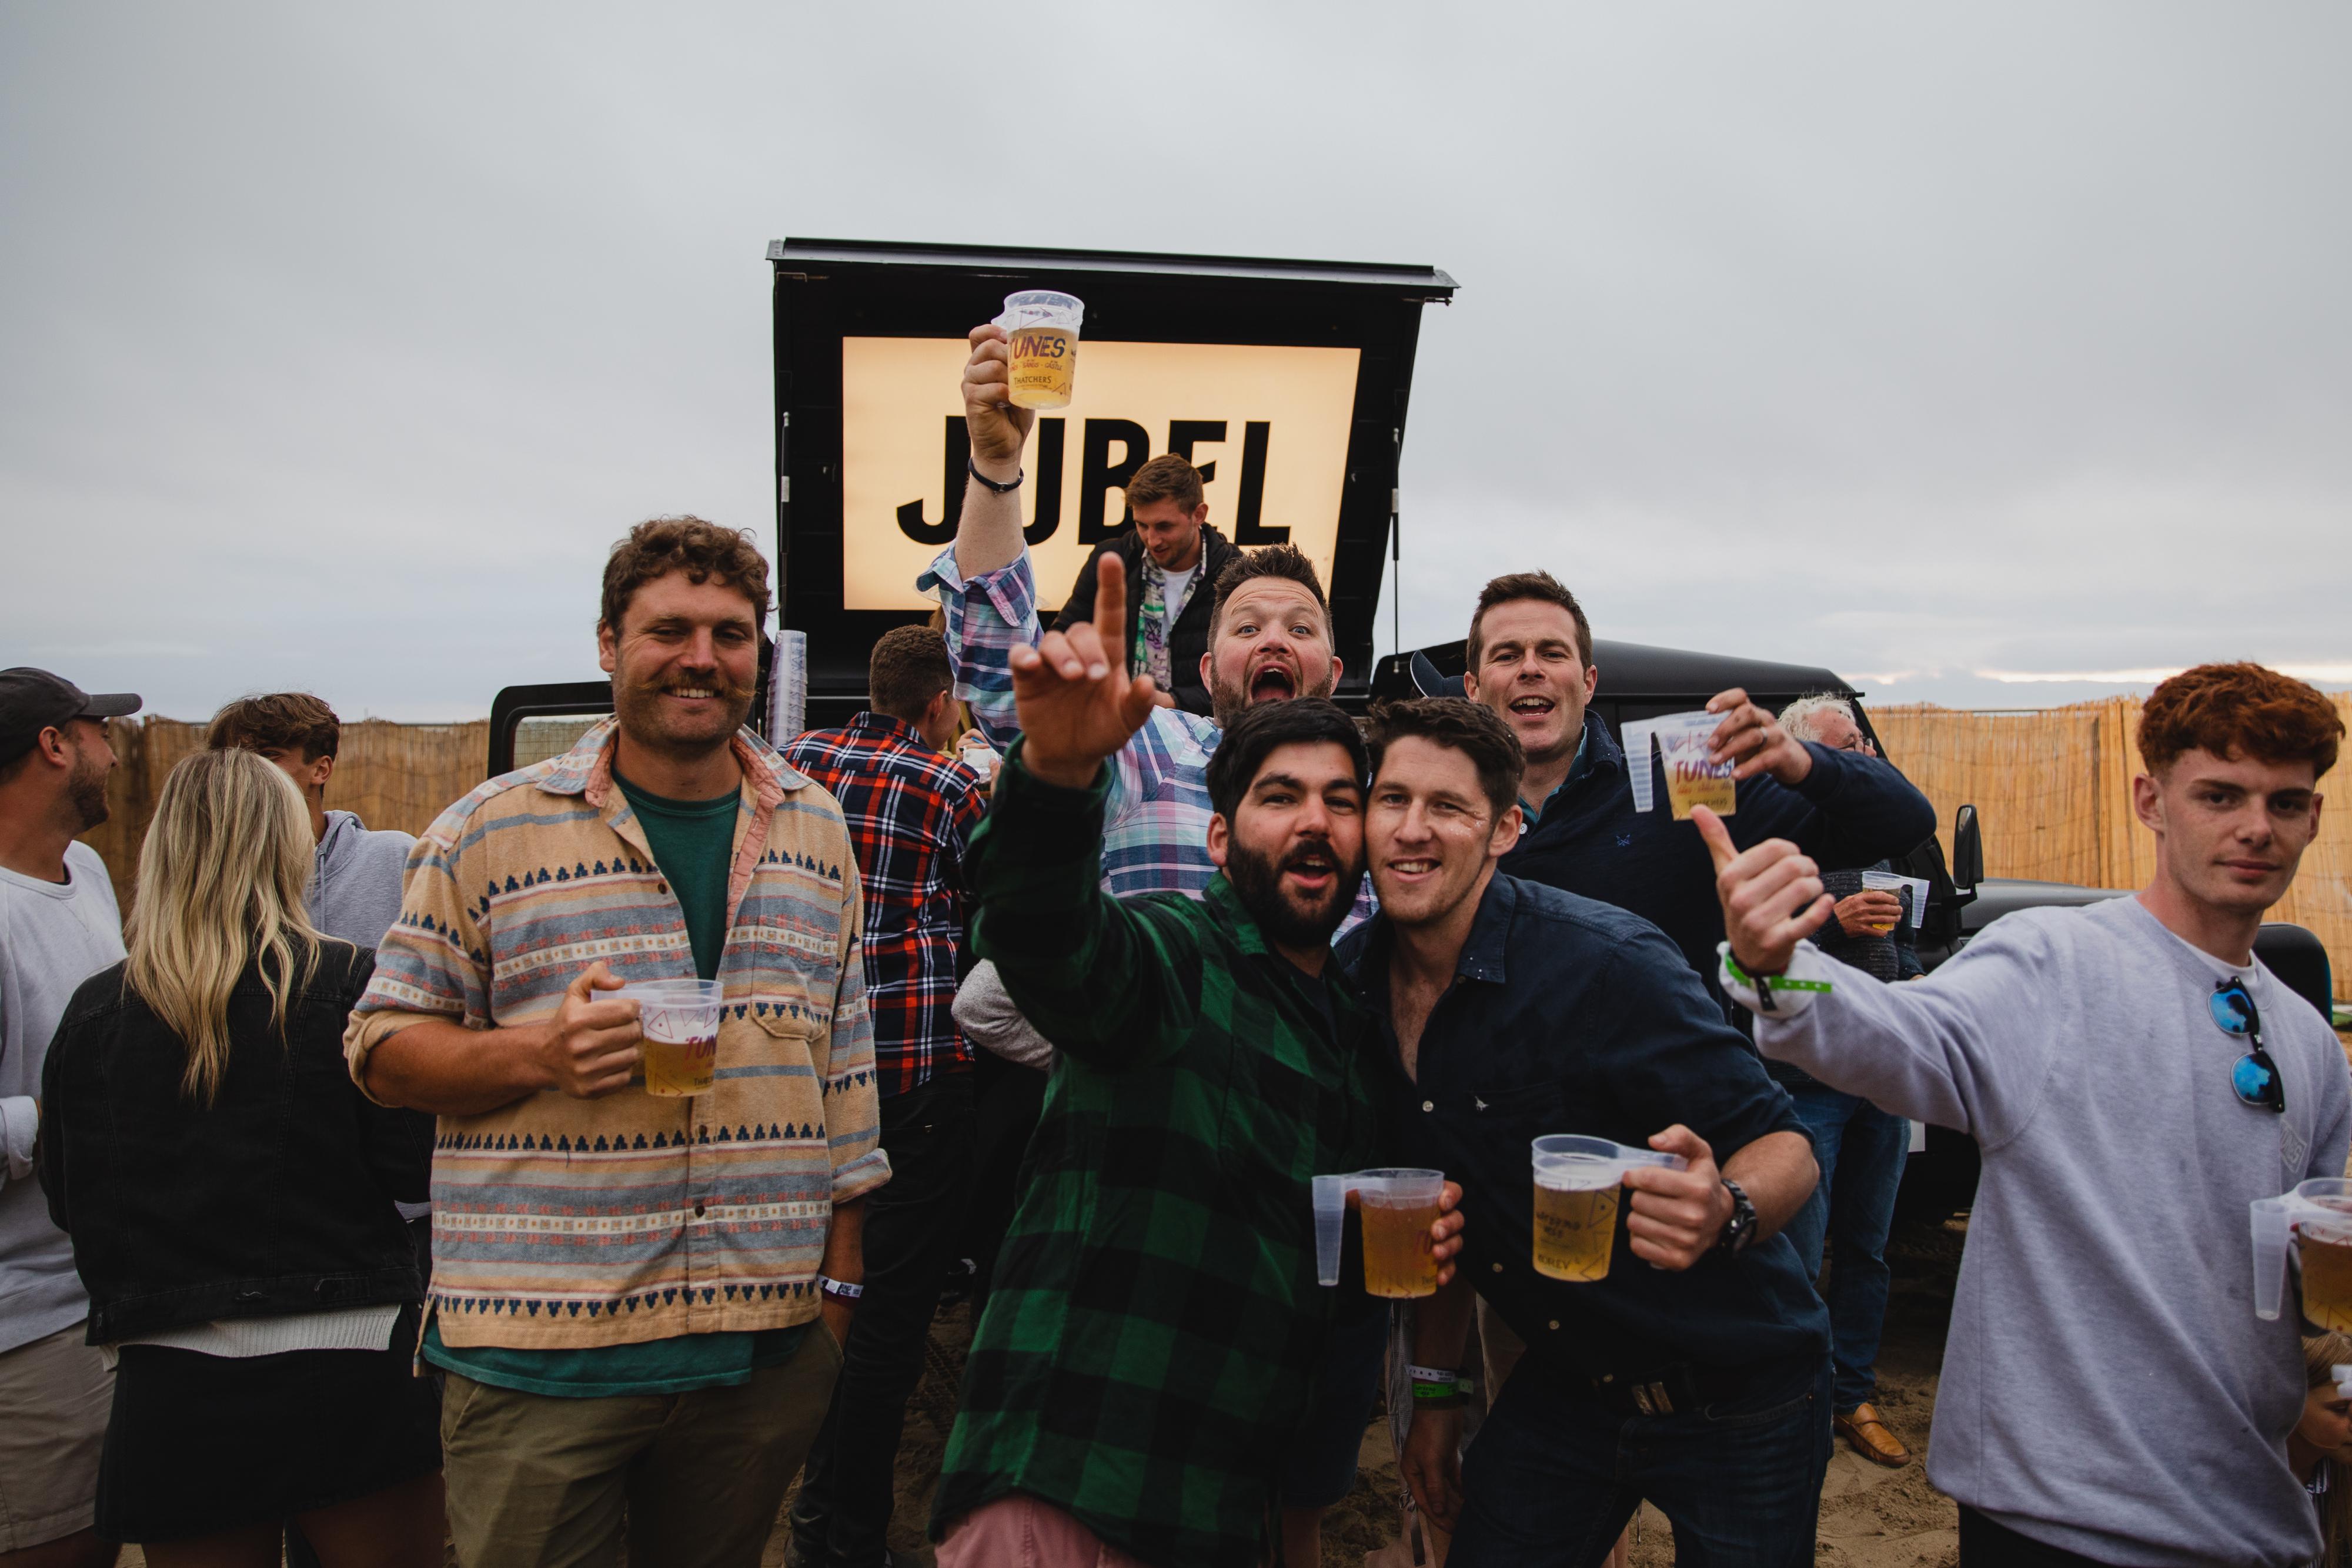 Jubel has grown to nine staff members (Image: Jubel - loveMONEY)